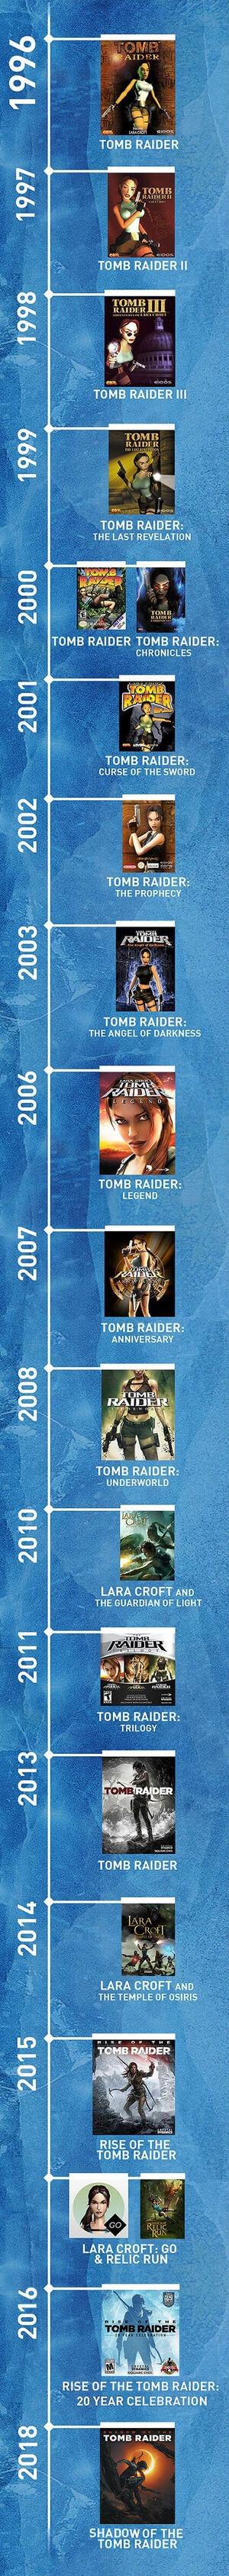 Tomb Raider Timeline